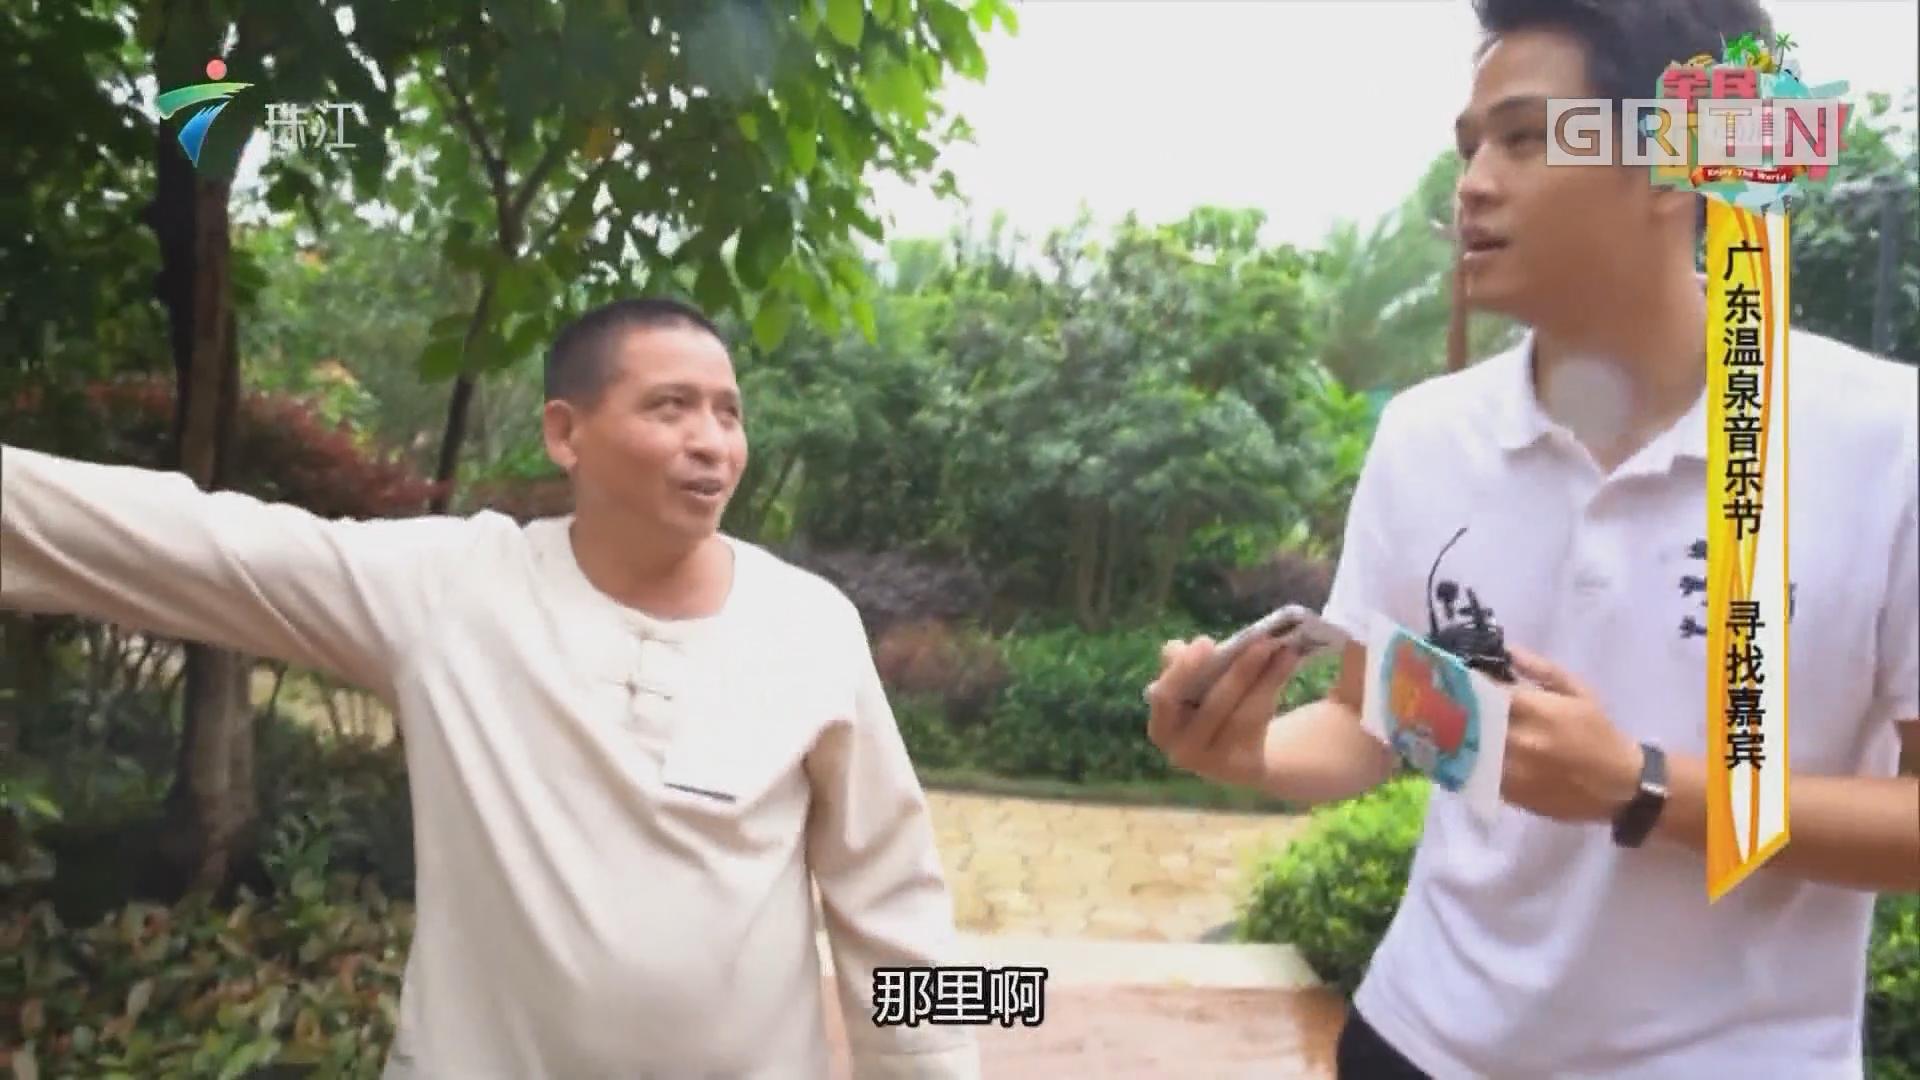 [HD][2019-06-14]全民叹世界:广东温泉音乐节 寻找嘉宾